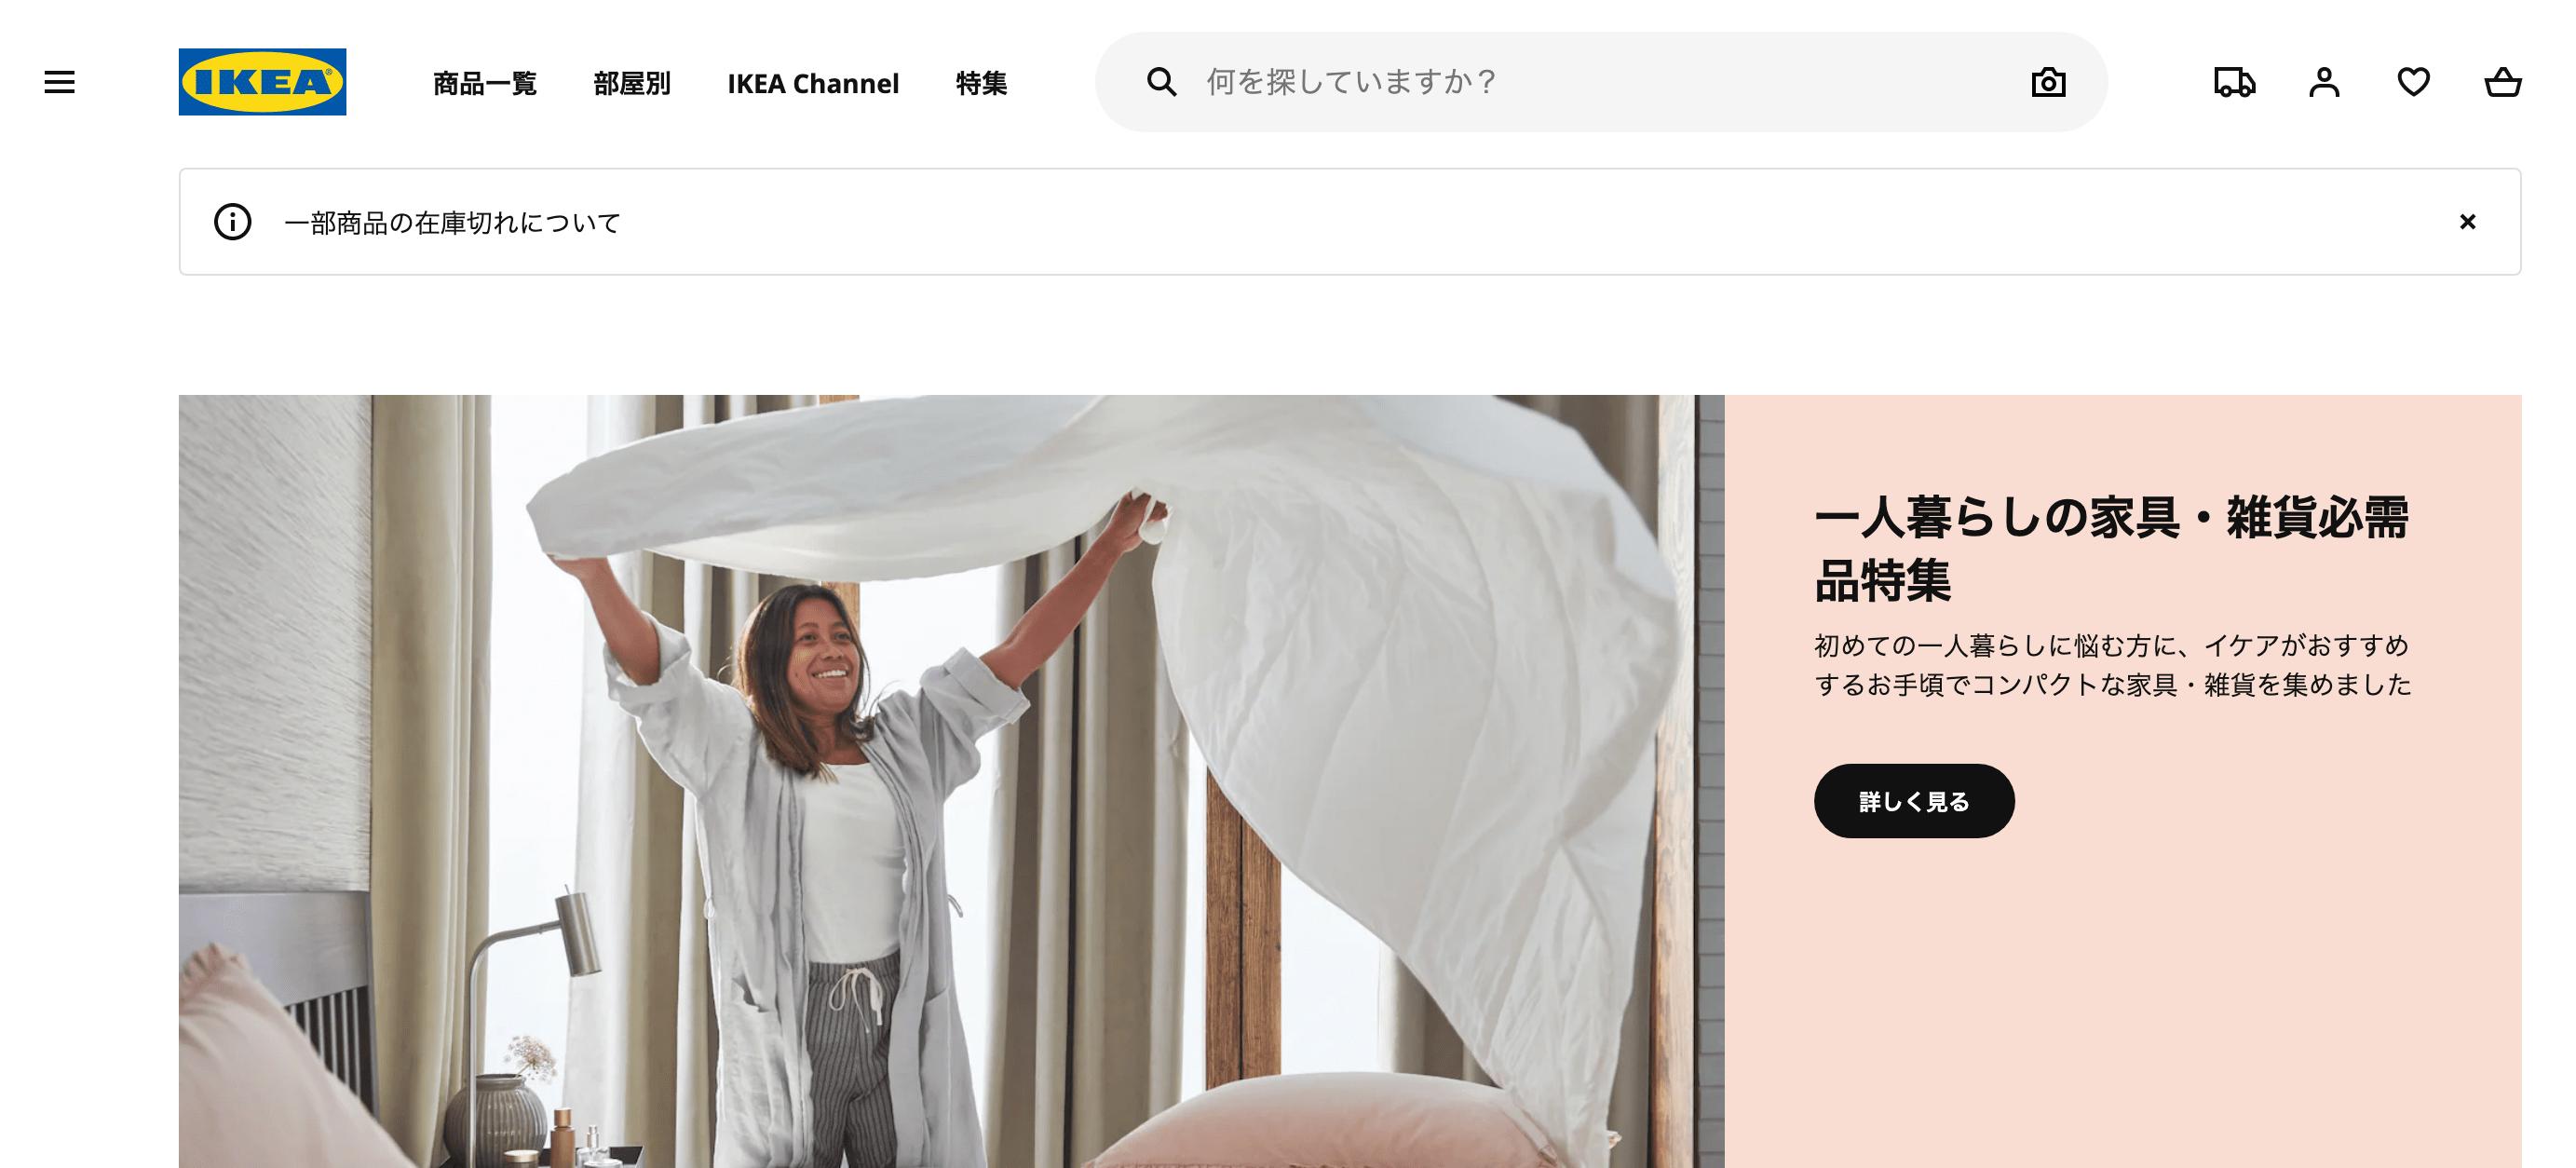 ikeaのウェブサイト